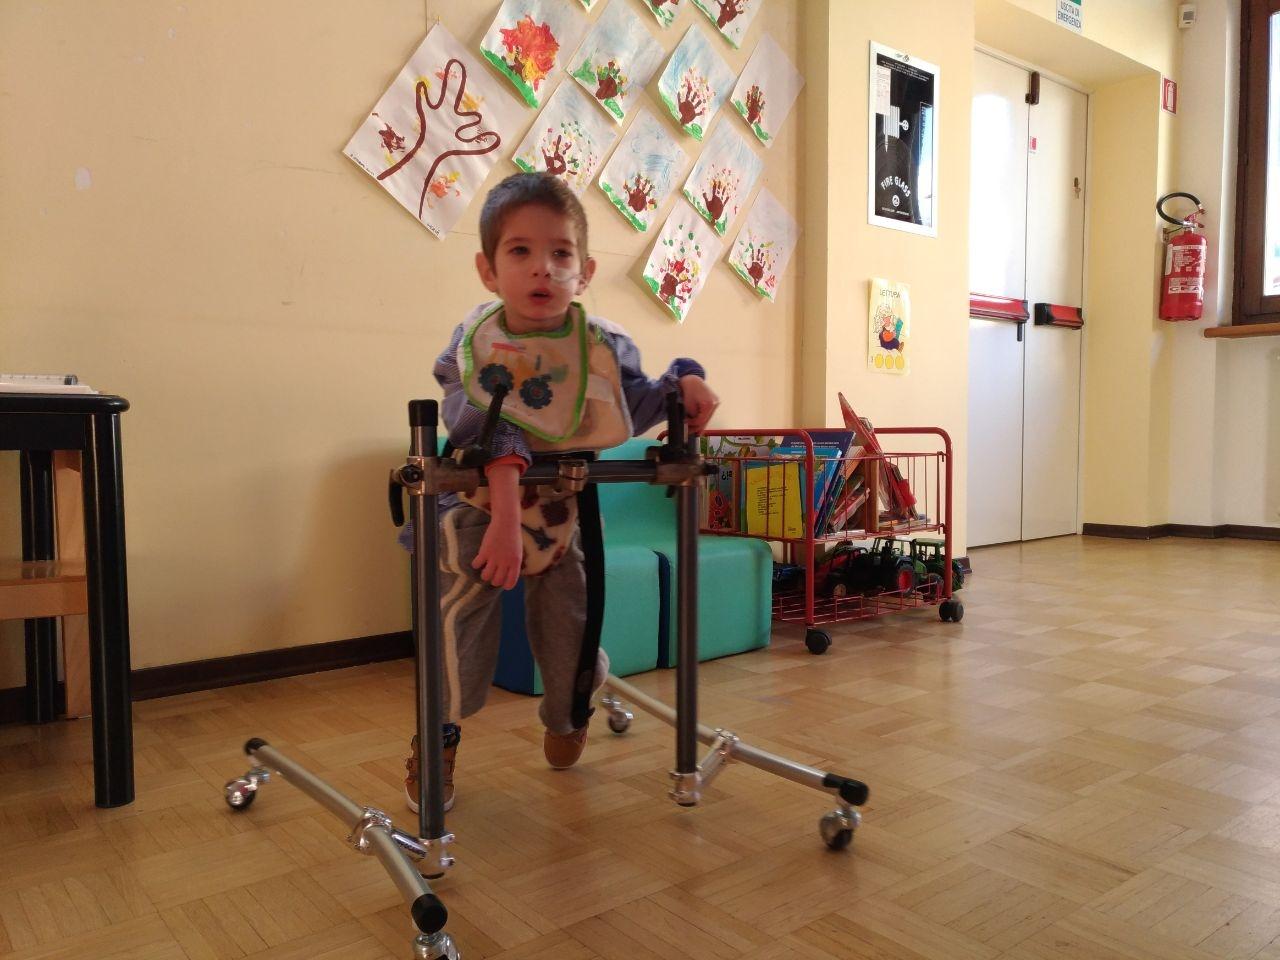 L'assistenza infermieristica a scuola dei bambini disabili deve essere assicurata dall'azienda USL